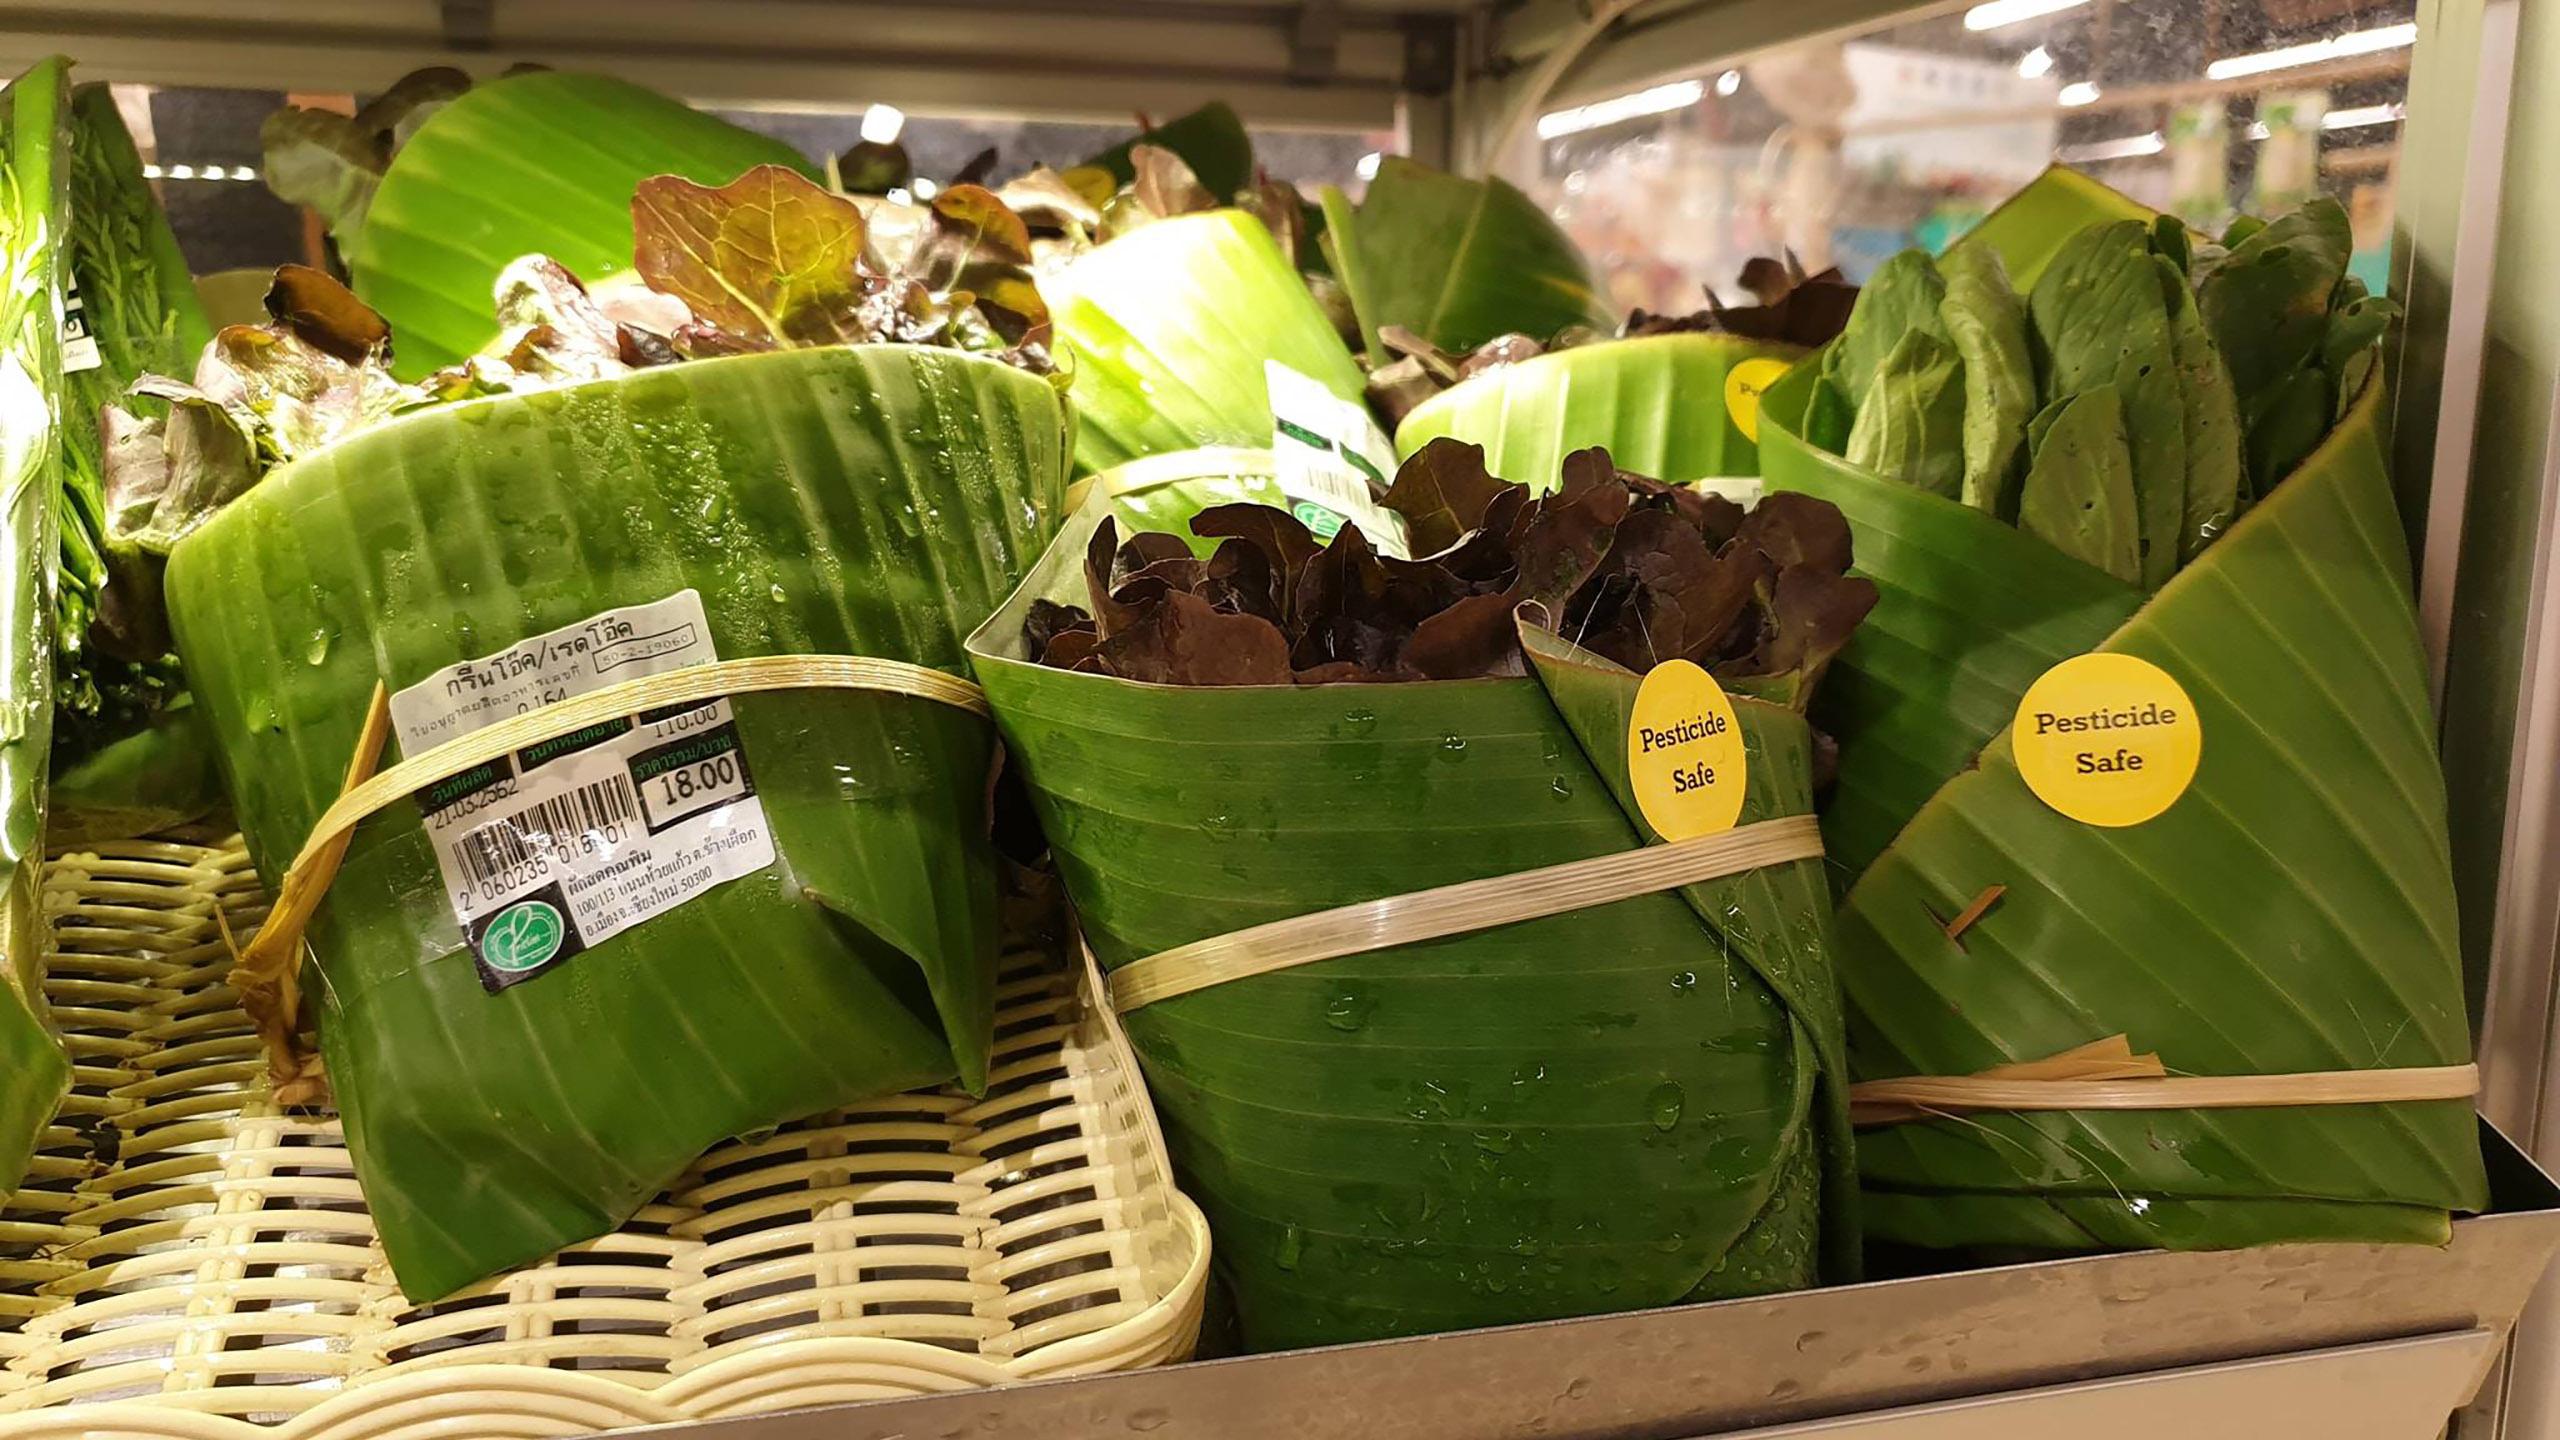 El supermercado tailandés que utiliza las hojas de plátano en sus empaques